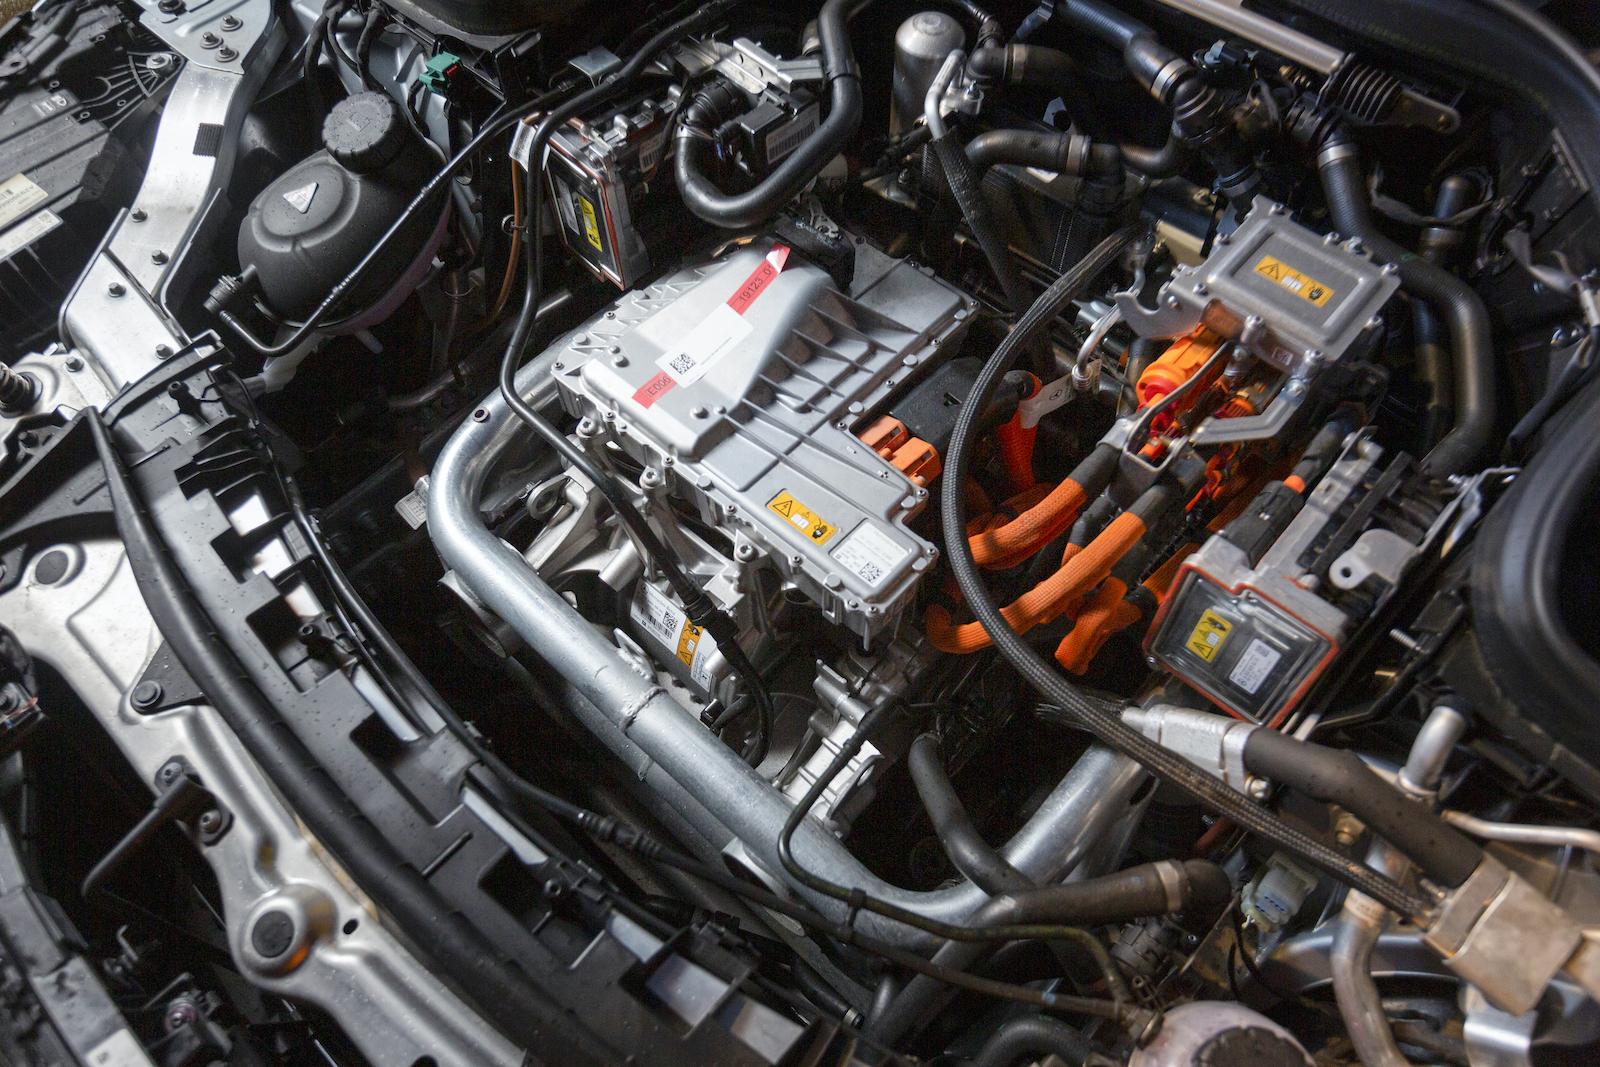 Mercedes saknar främre bagageutrymme. Motorn täcks normalt av en plastkåpa.